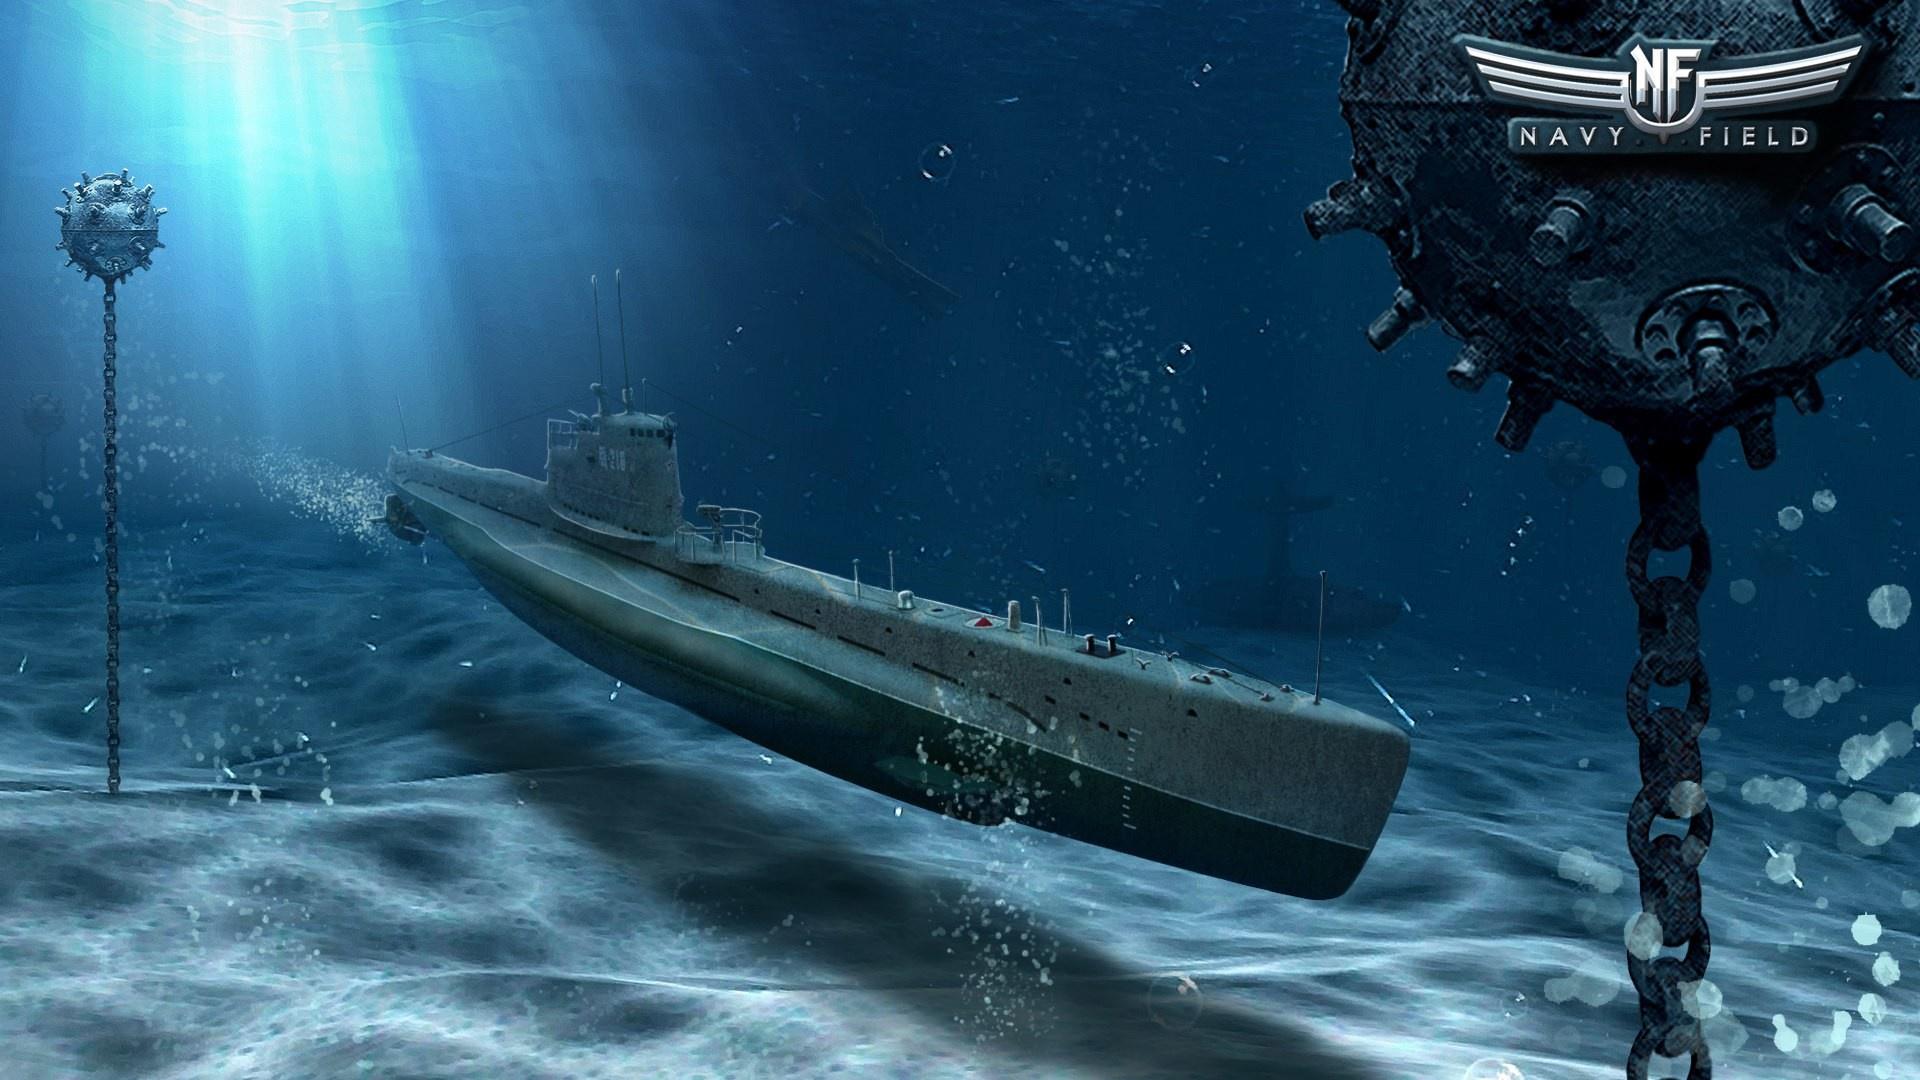 разведясь законной фото военных кораблей подводных лодок на смартфон картинка